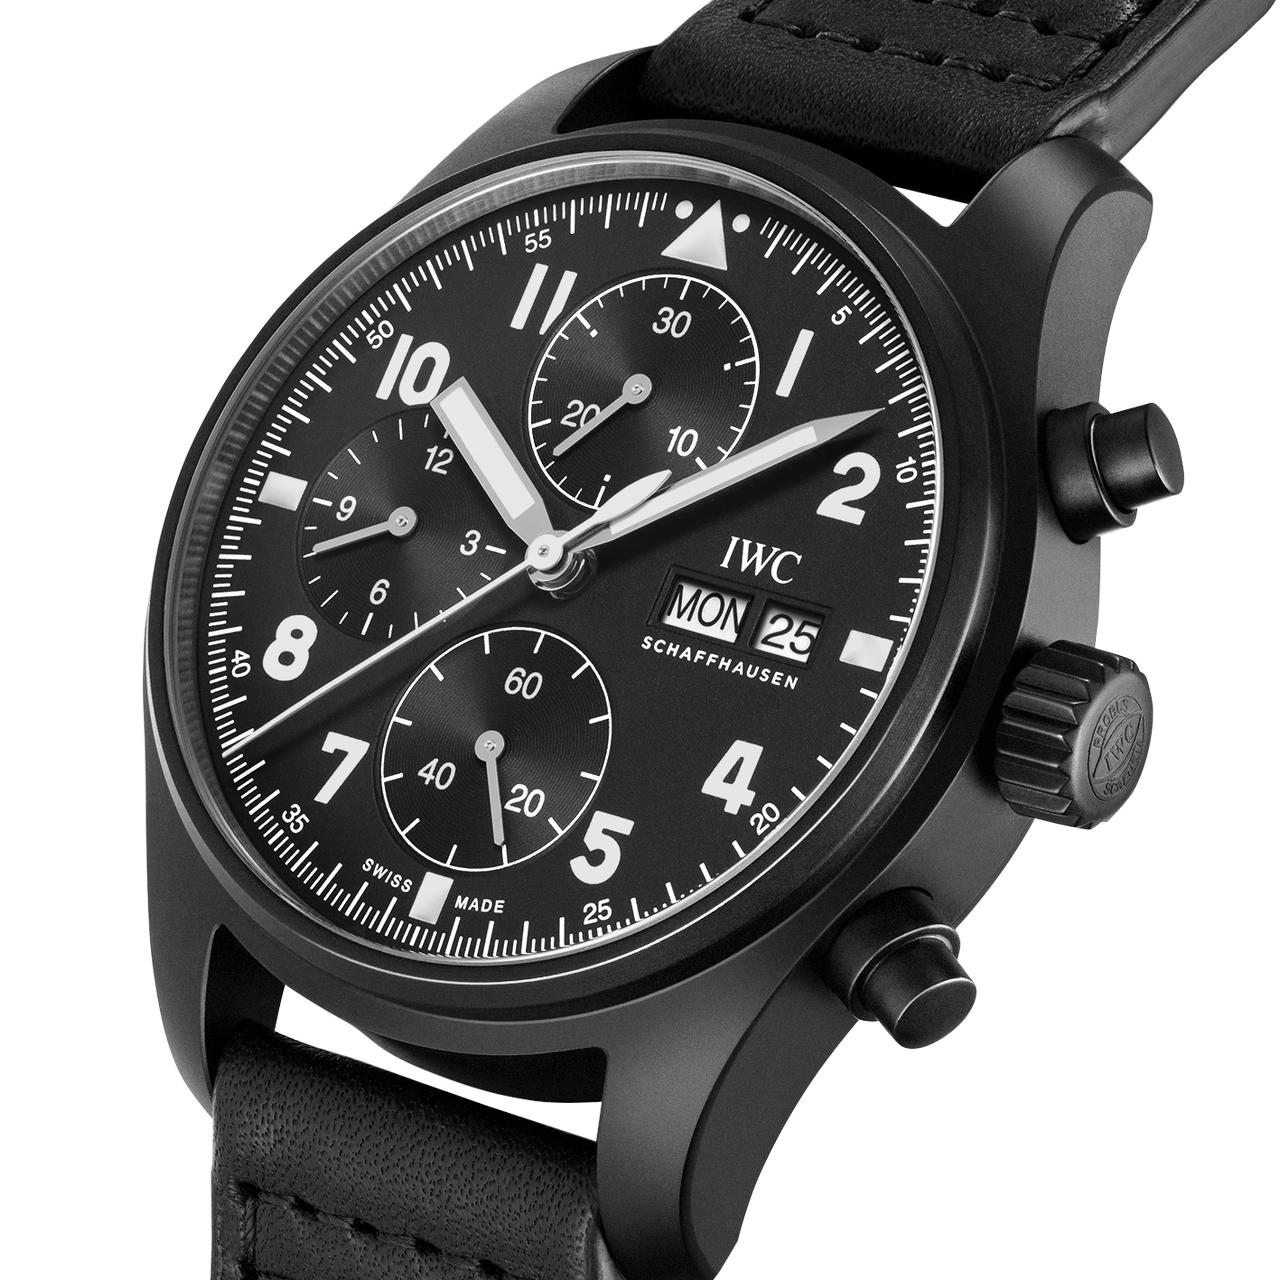 """IWC Pilot's Watch Chronograph Edition """"Tribute to 3705"""" - függőlegesen tagolt számlap, viták forrása"""